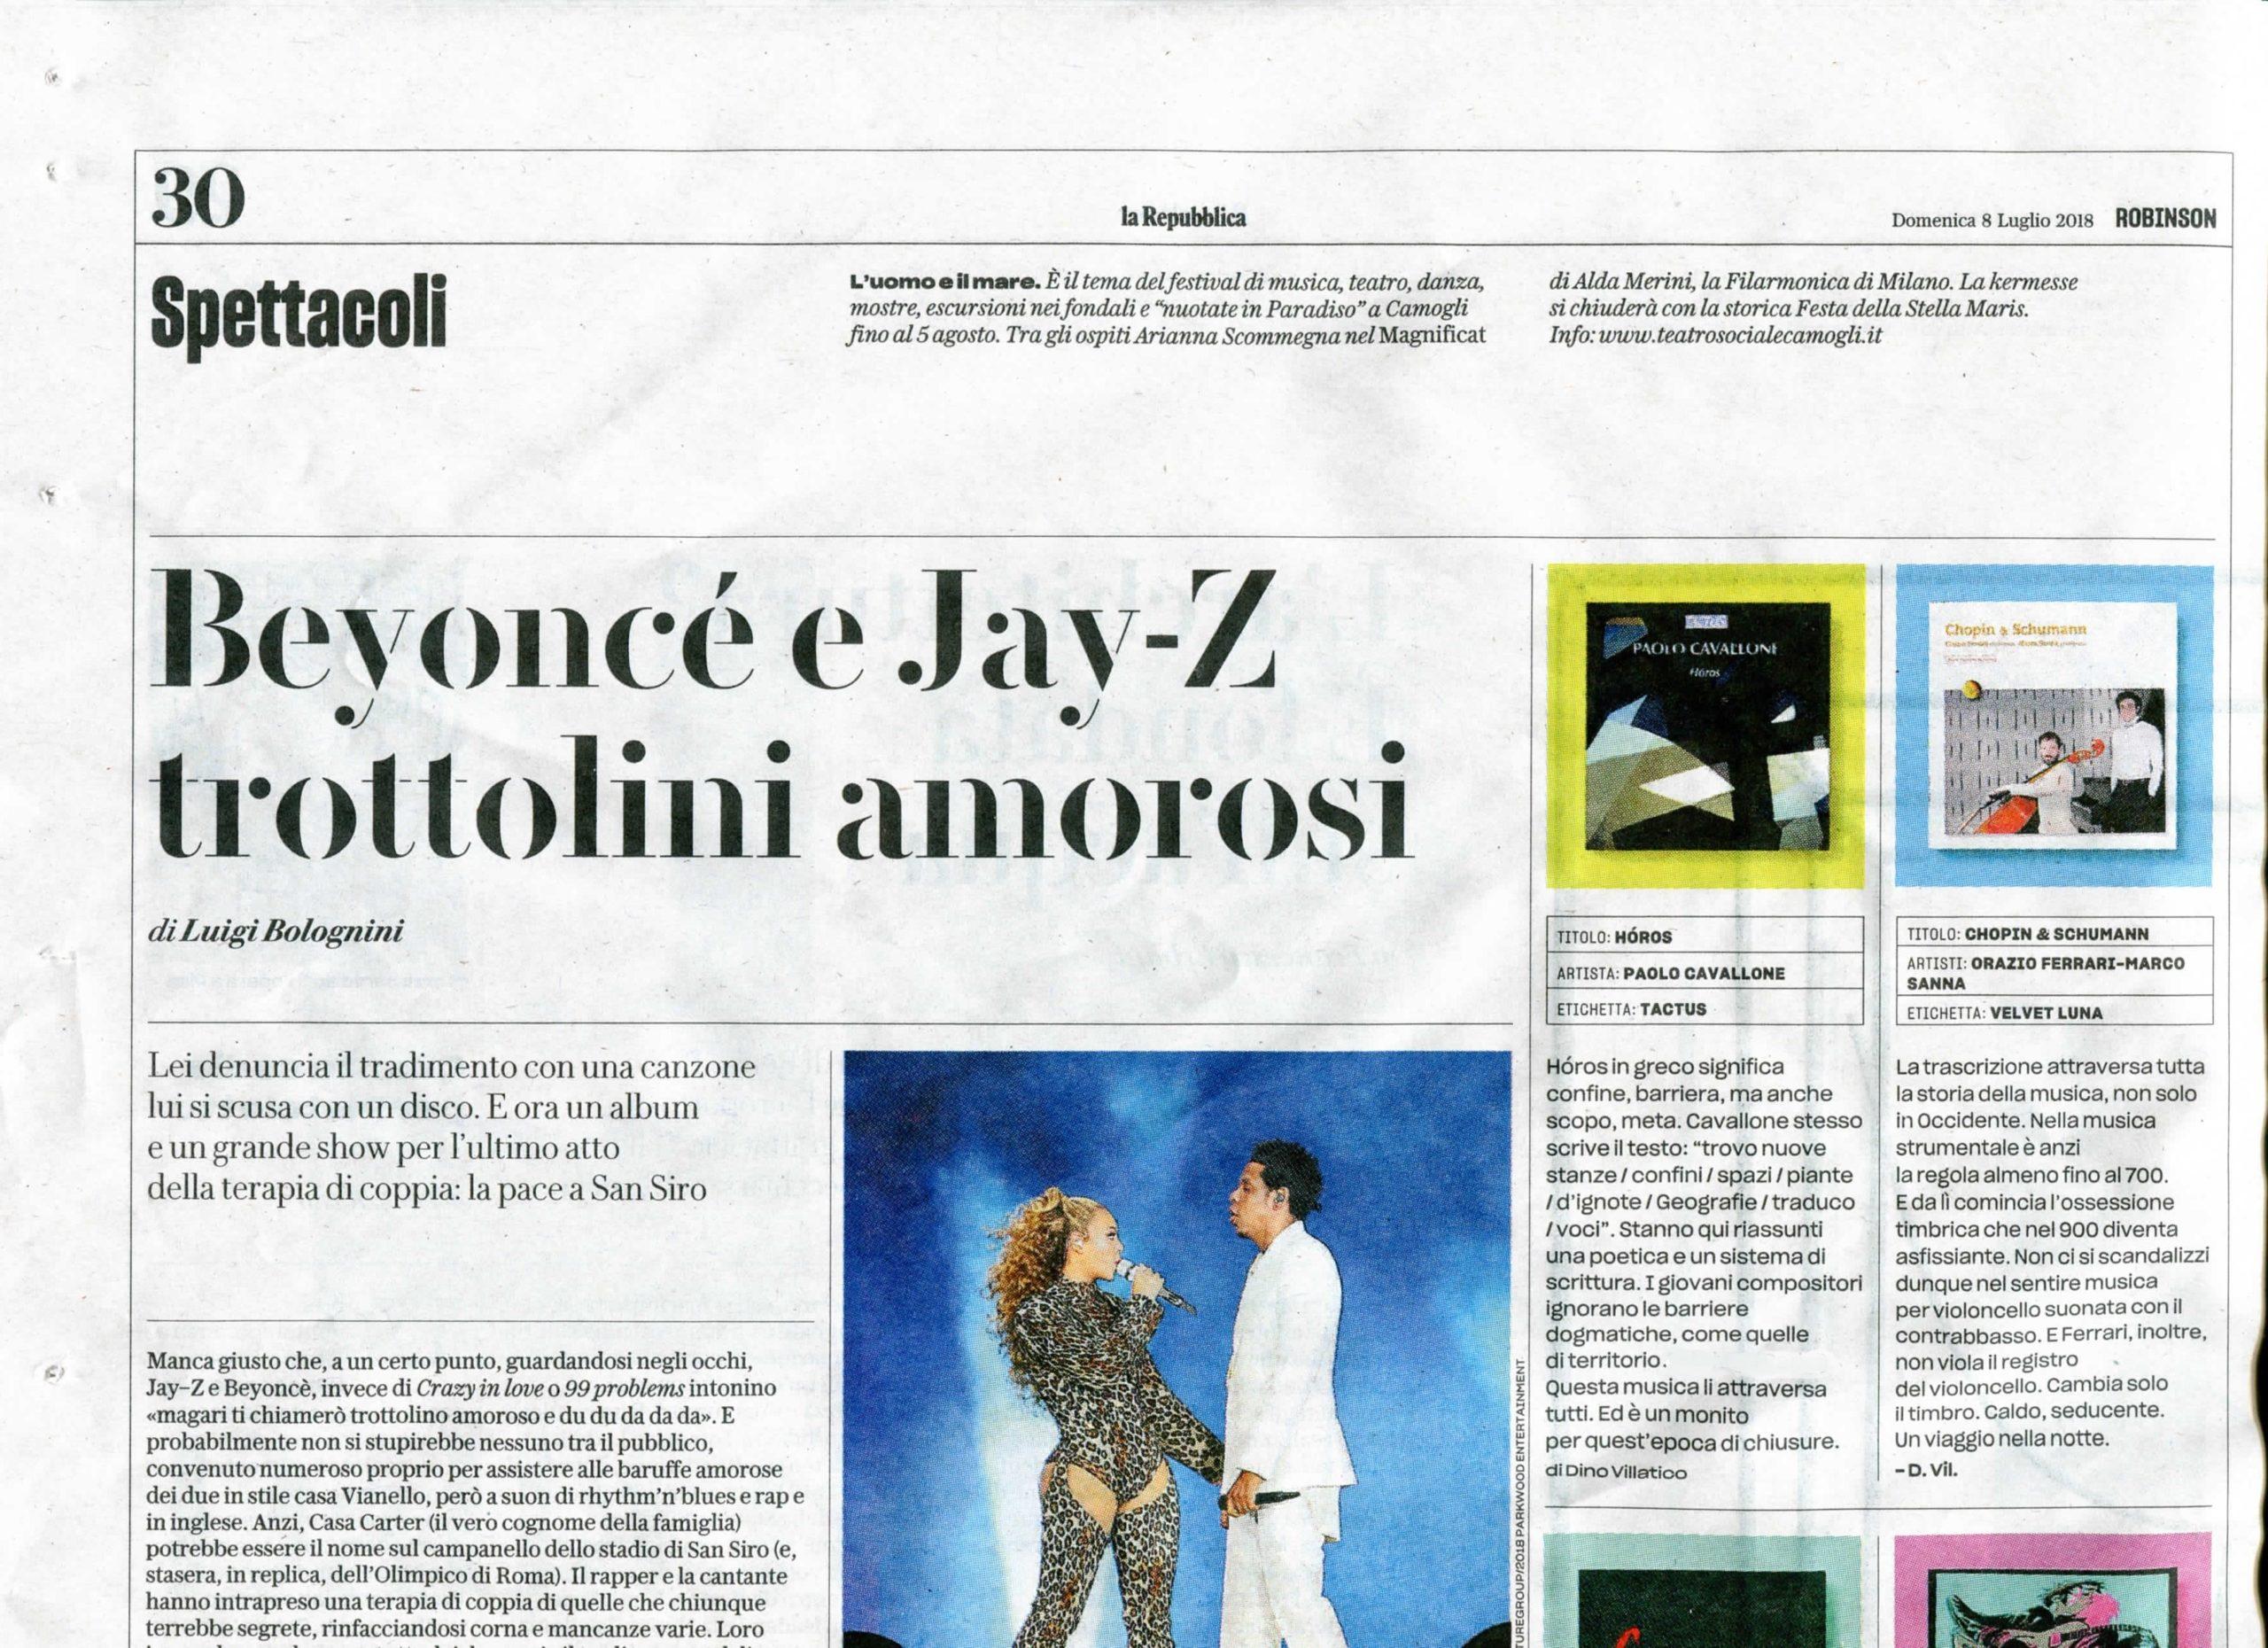 review - La Repubblica, Dino Villatico - July 7, 2018